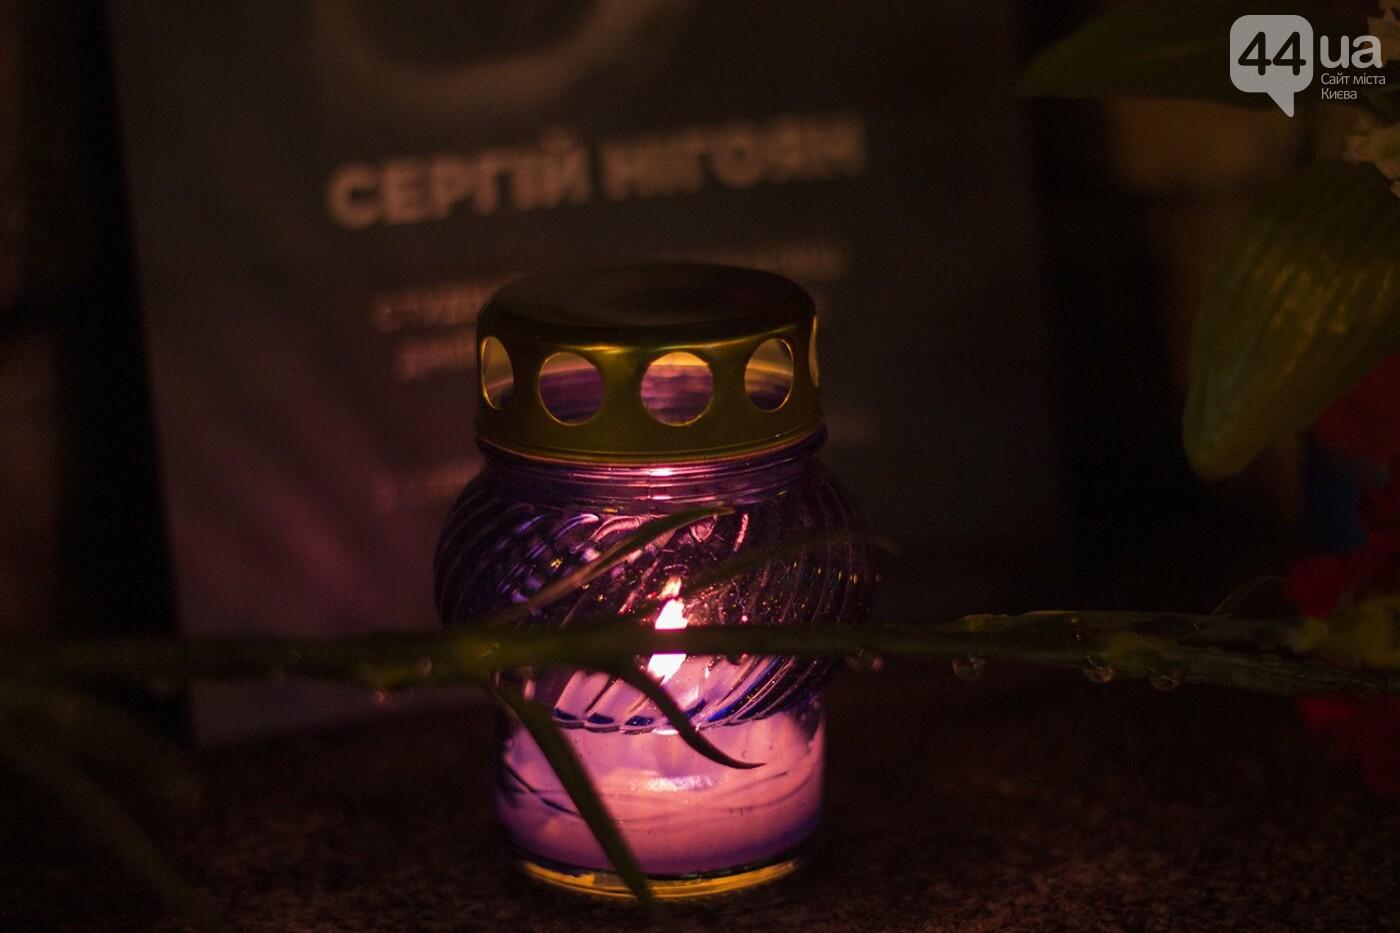 Годовщина Евромайдана: в Киеве зажгли Лучи достоинства, фото-11